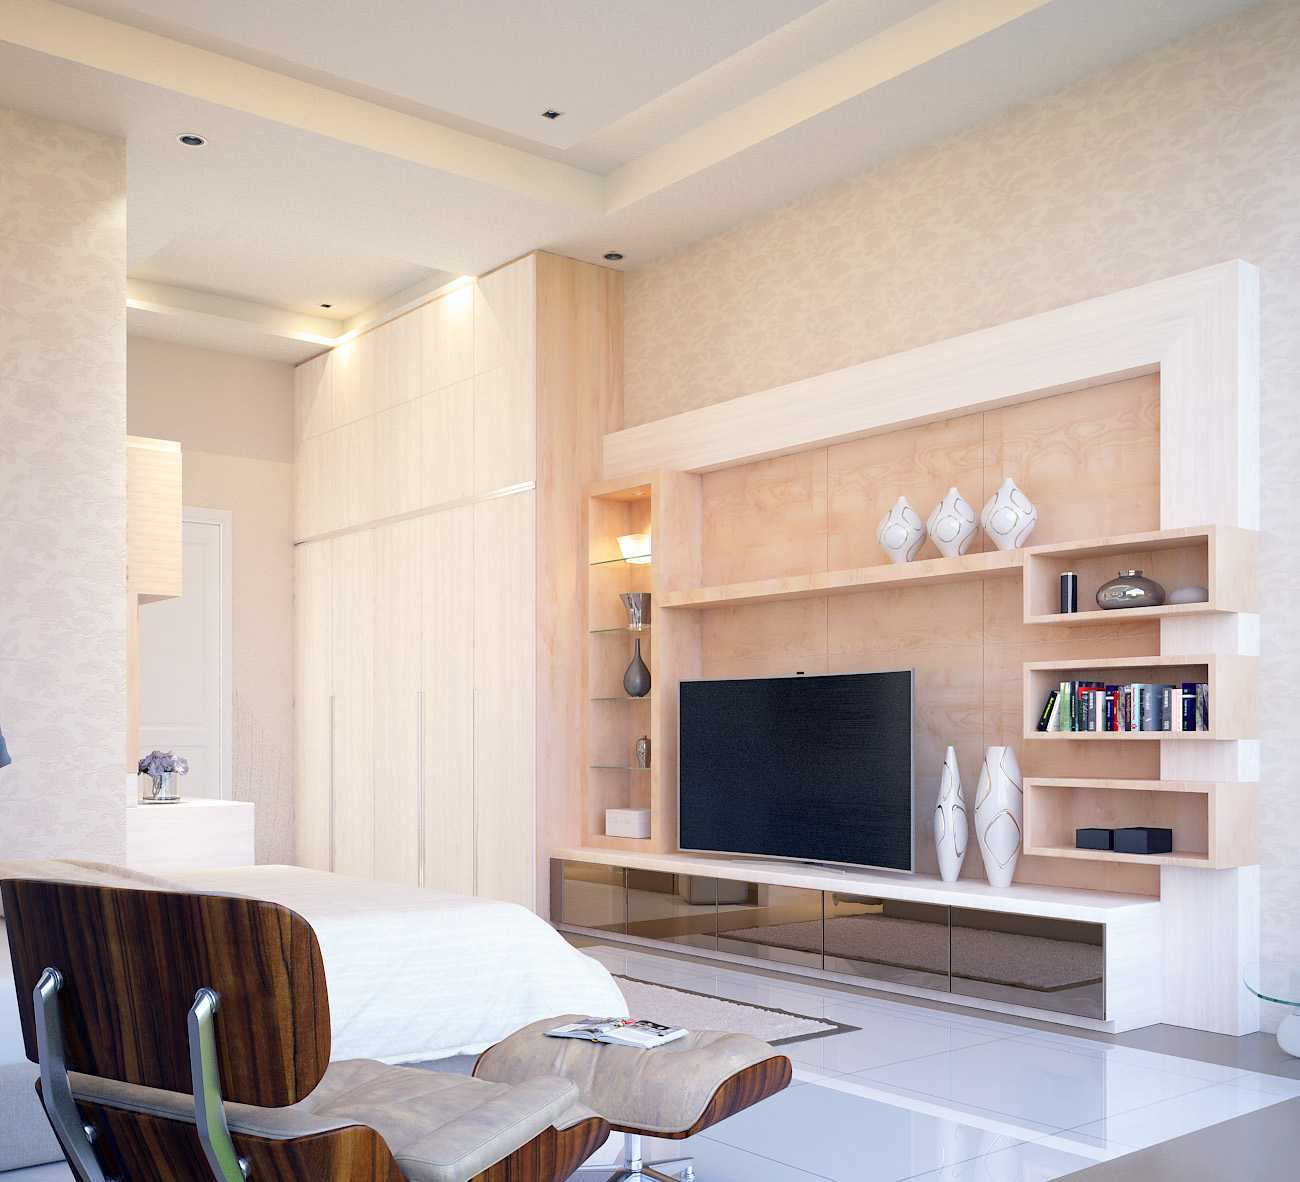 Acia Interior Master Bedroom Banjarmasin, Kota Banjarmasin, Kalimantan Selatan, Indonesia Kabupaten Kapuas, Kalimantan Tengah, Indonesia Acia-Interior-Master-Bedroom   51741